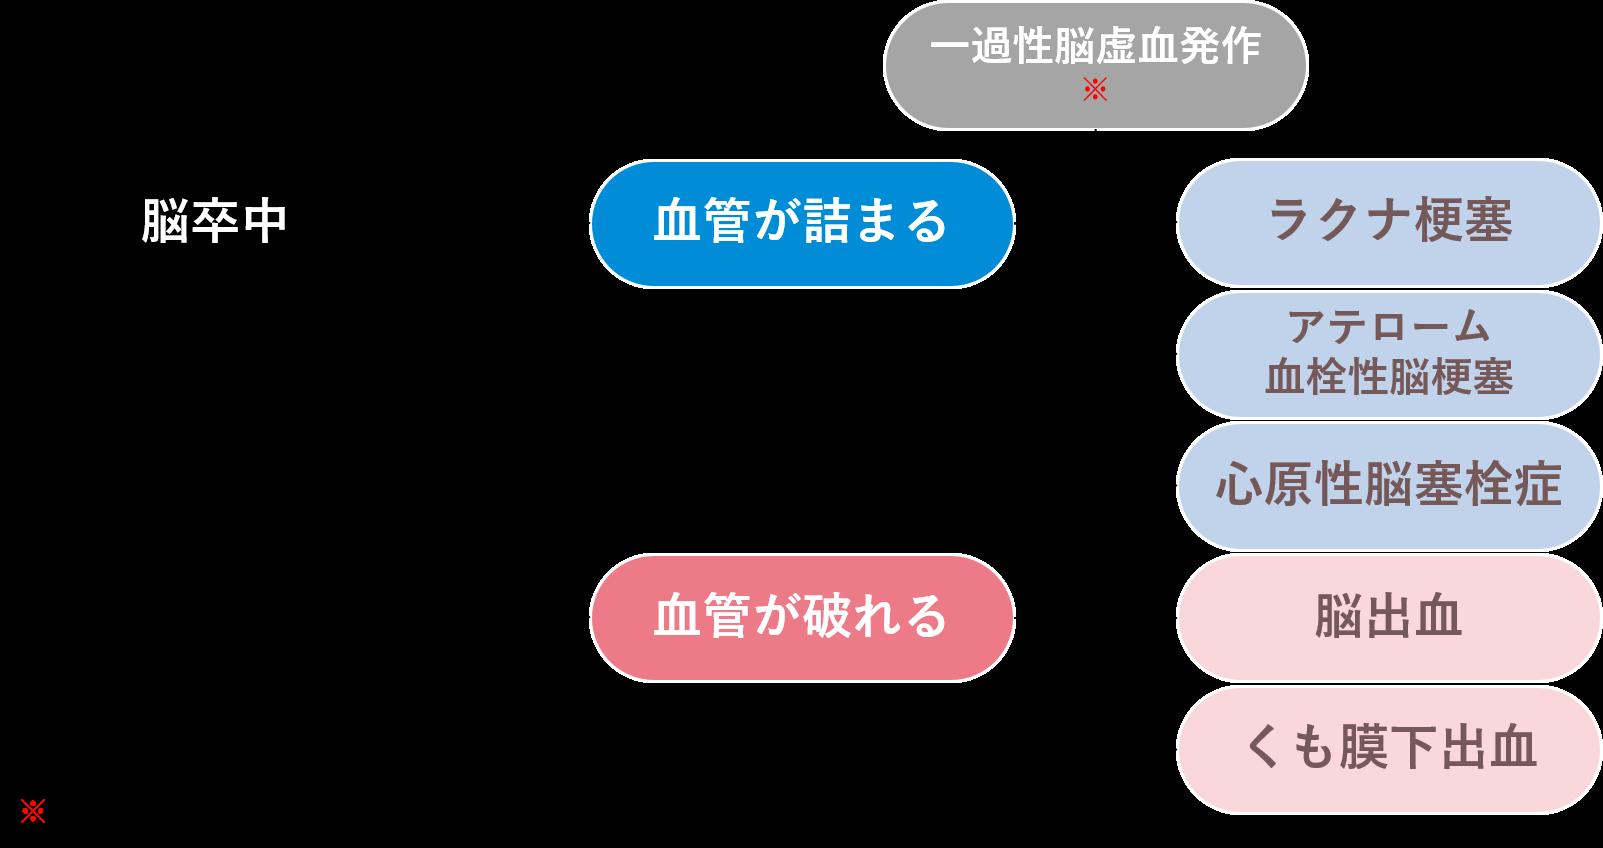 脳卒中の分類